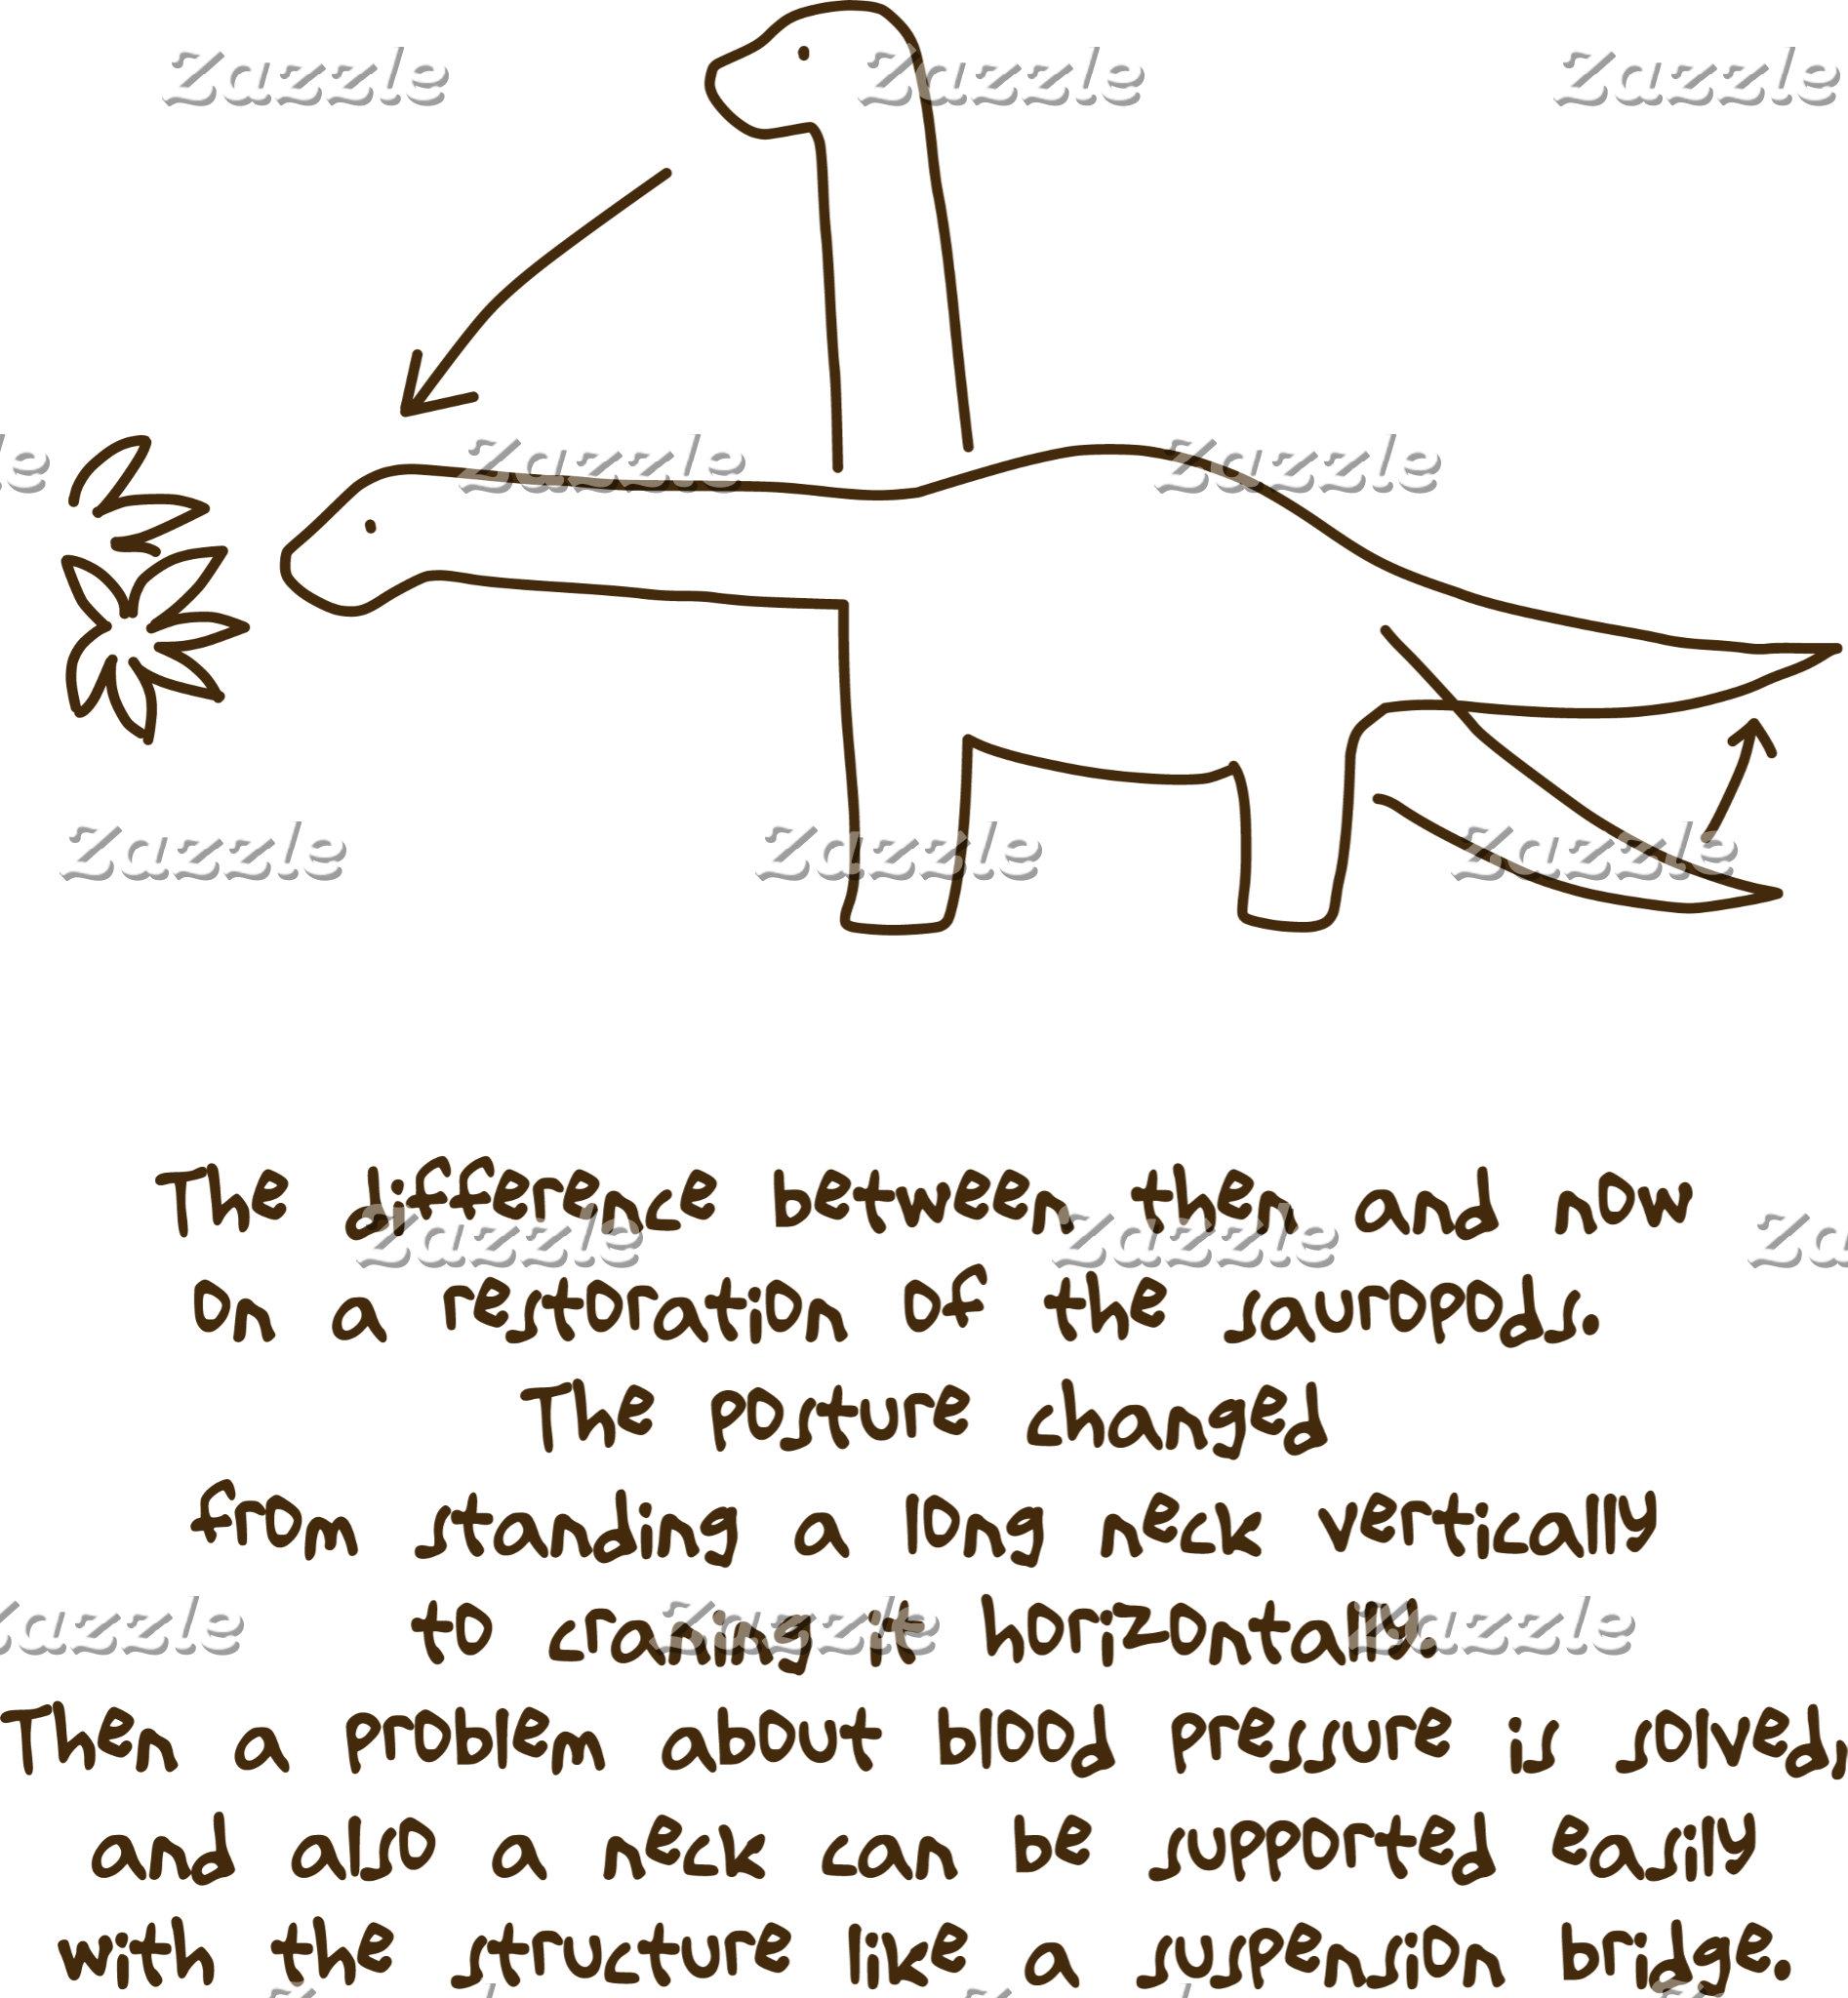 【恐竜今昔(効果音無し-茶】Sauropods, then & now (w/o SE, brown